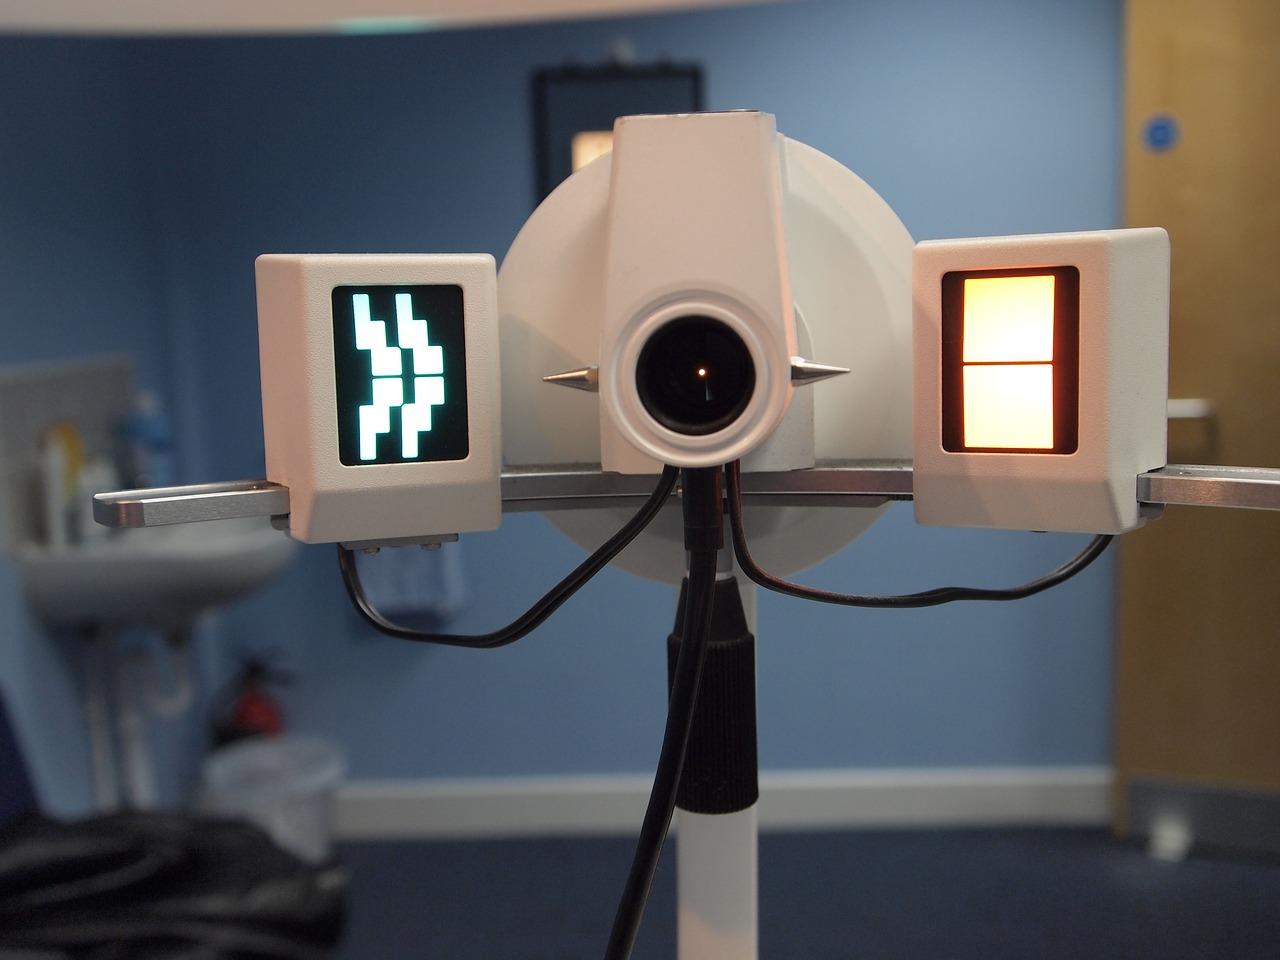 初めてコンタクトを作る時、眼科初診料はいくら?受診時の注意点